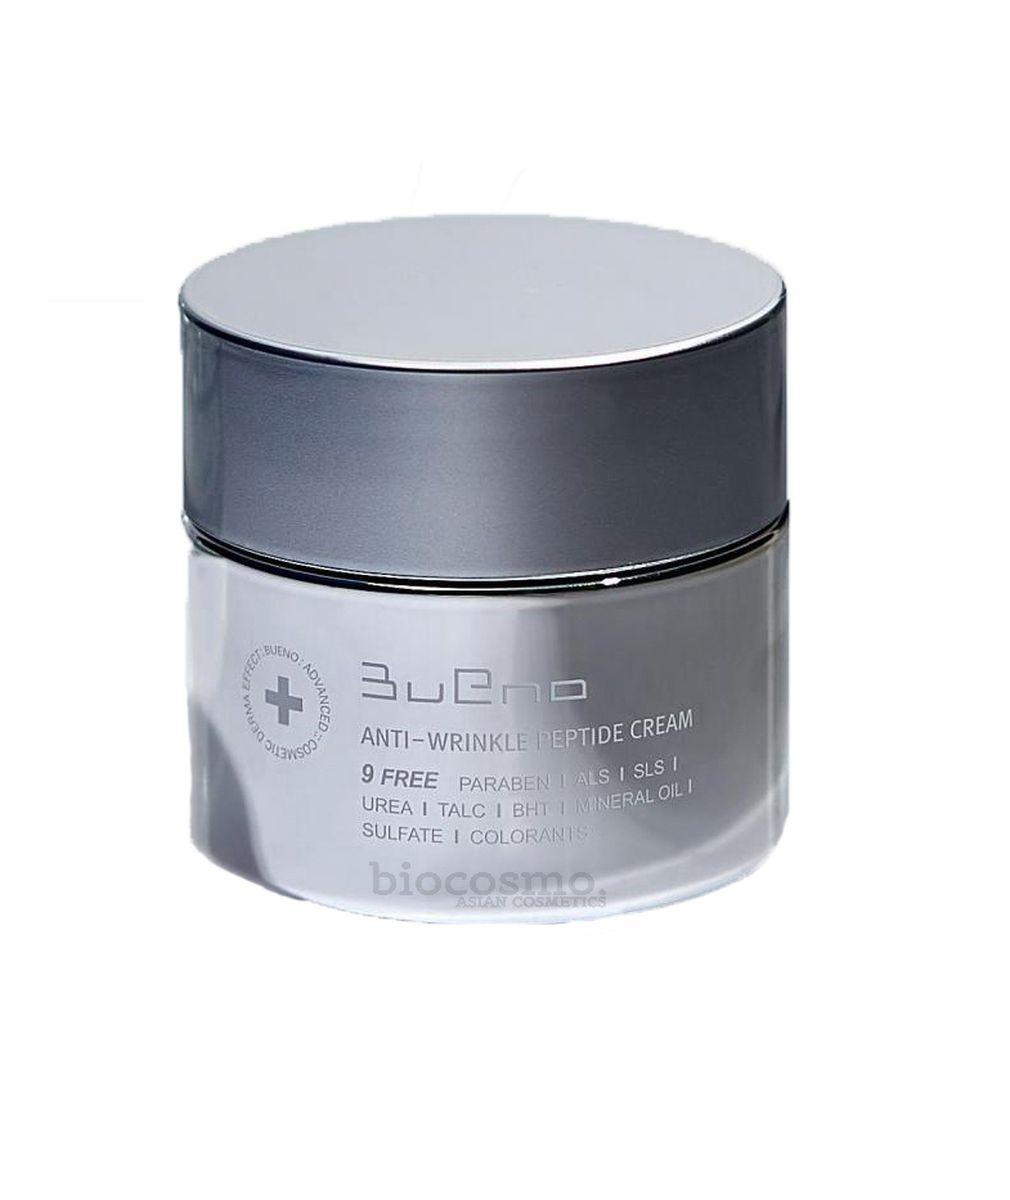 Пептидный крем с черным трюфелем Bueno Anti-Wrinkle Peptide Cream - 80 мл